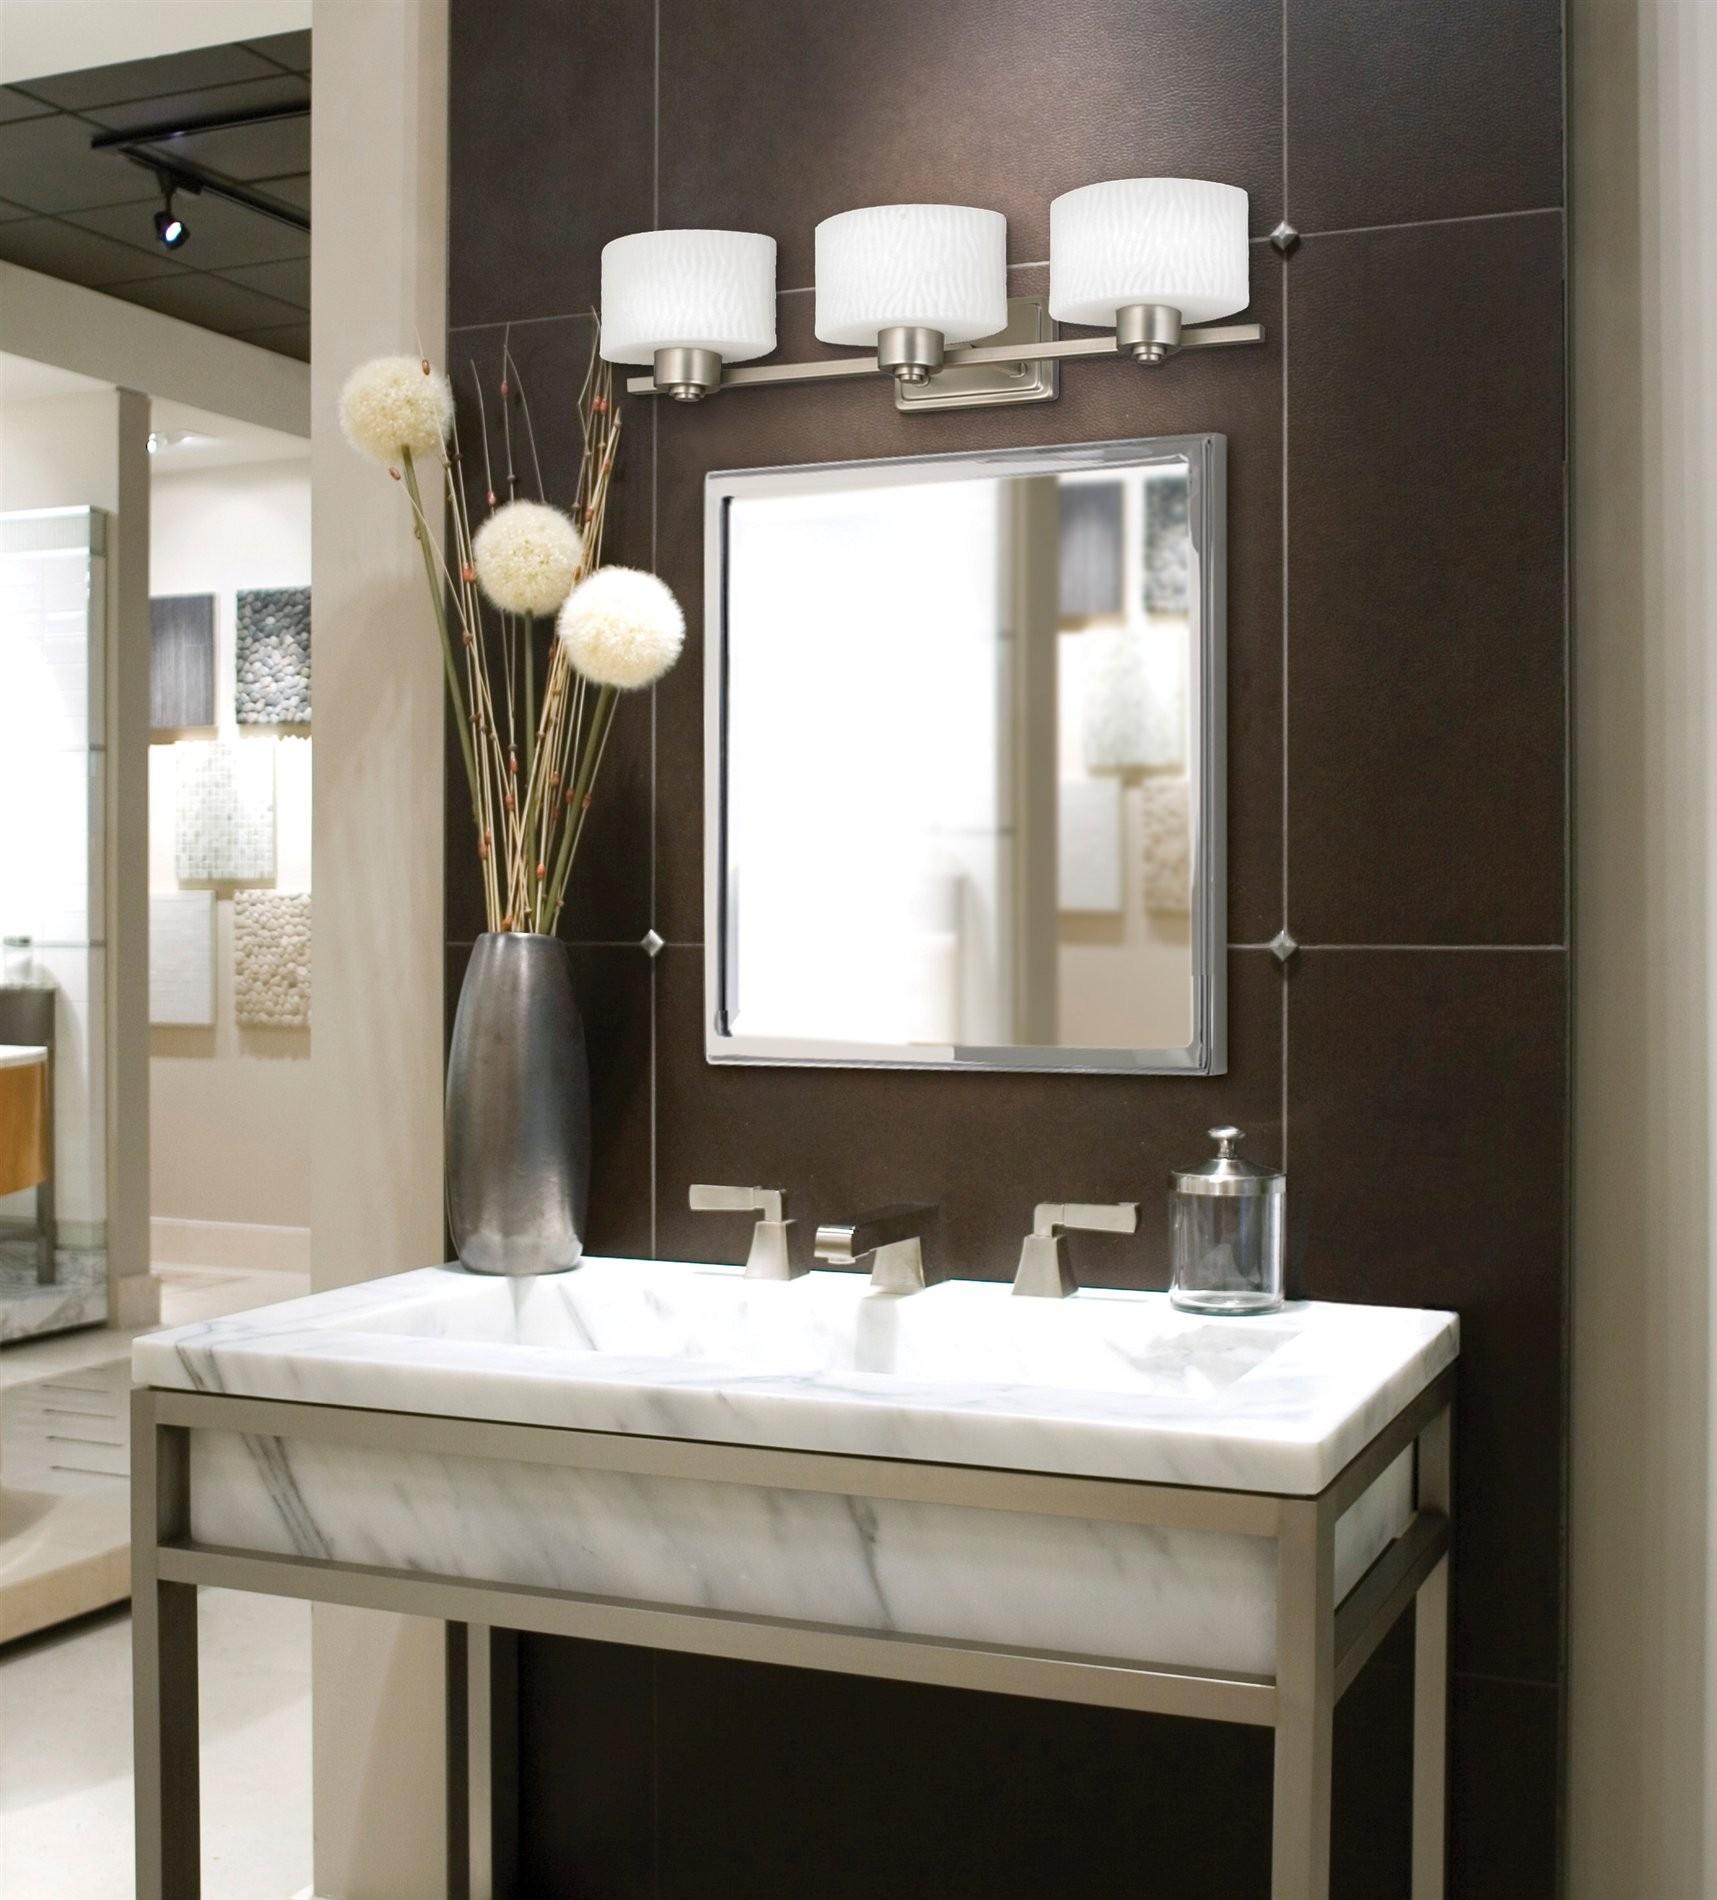 Bathroom Vanity Light Fixtures Elegant Bathroom Vanity Lights Fixtures All About House Design Bathroom Plan